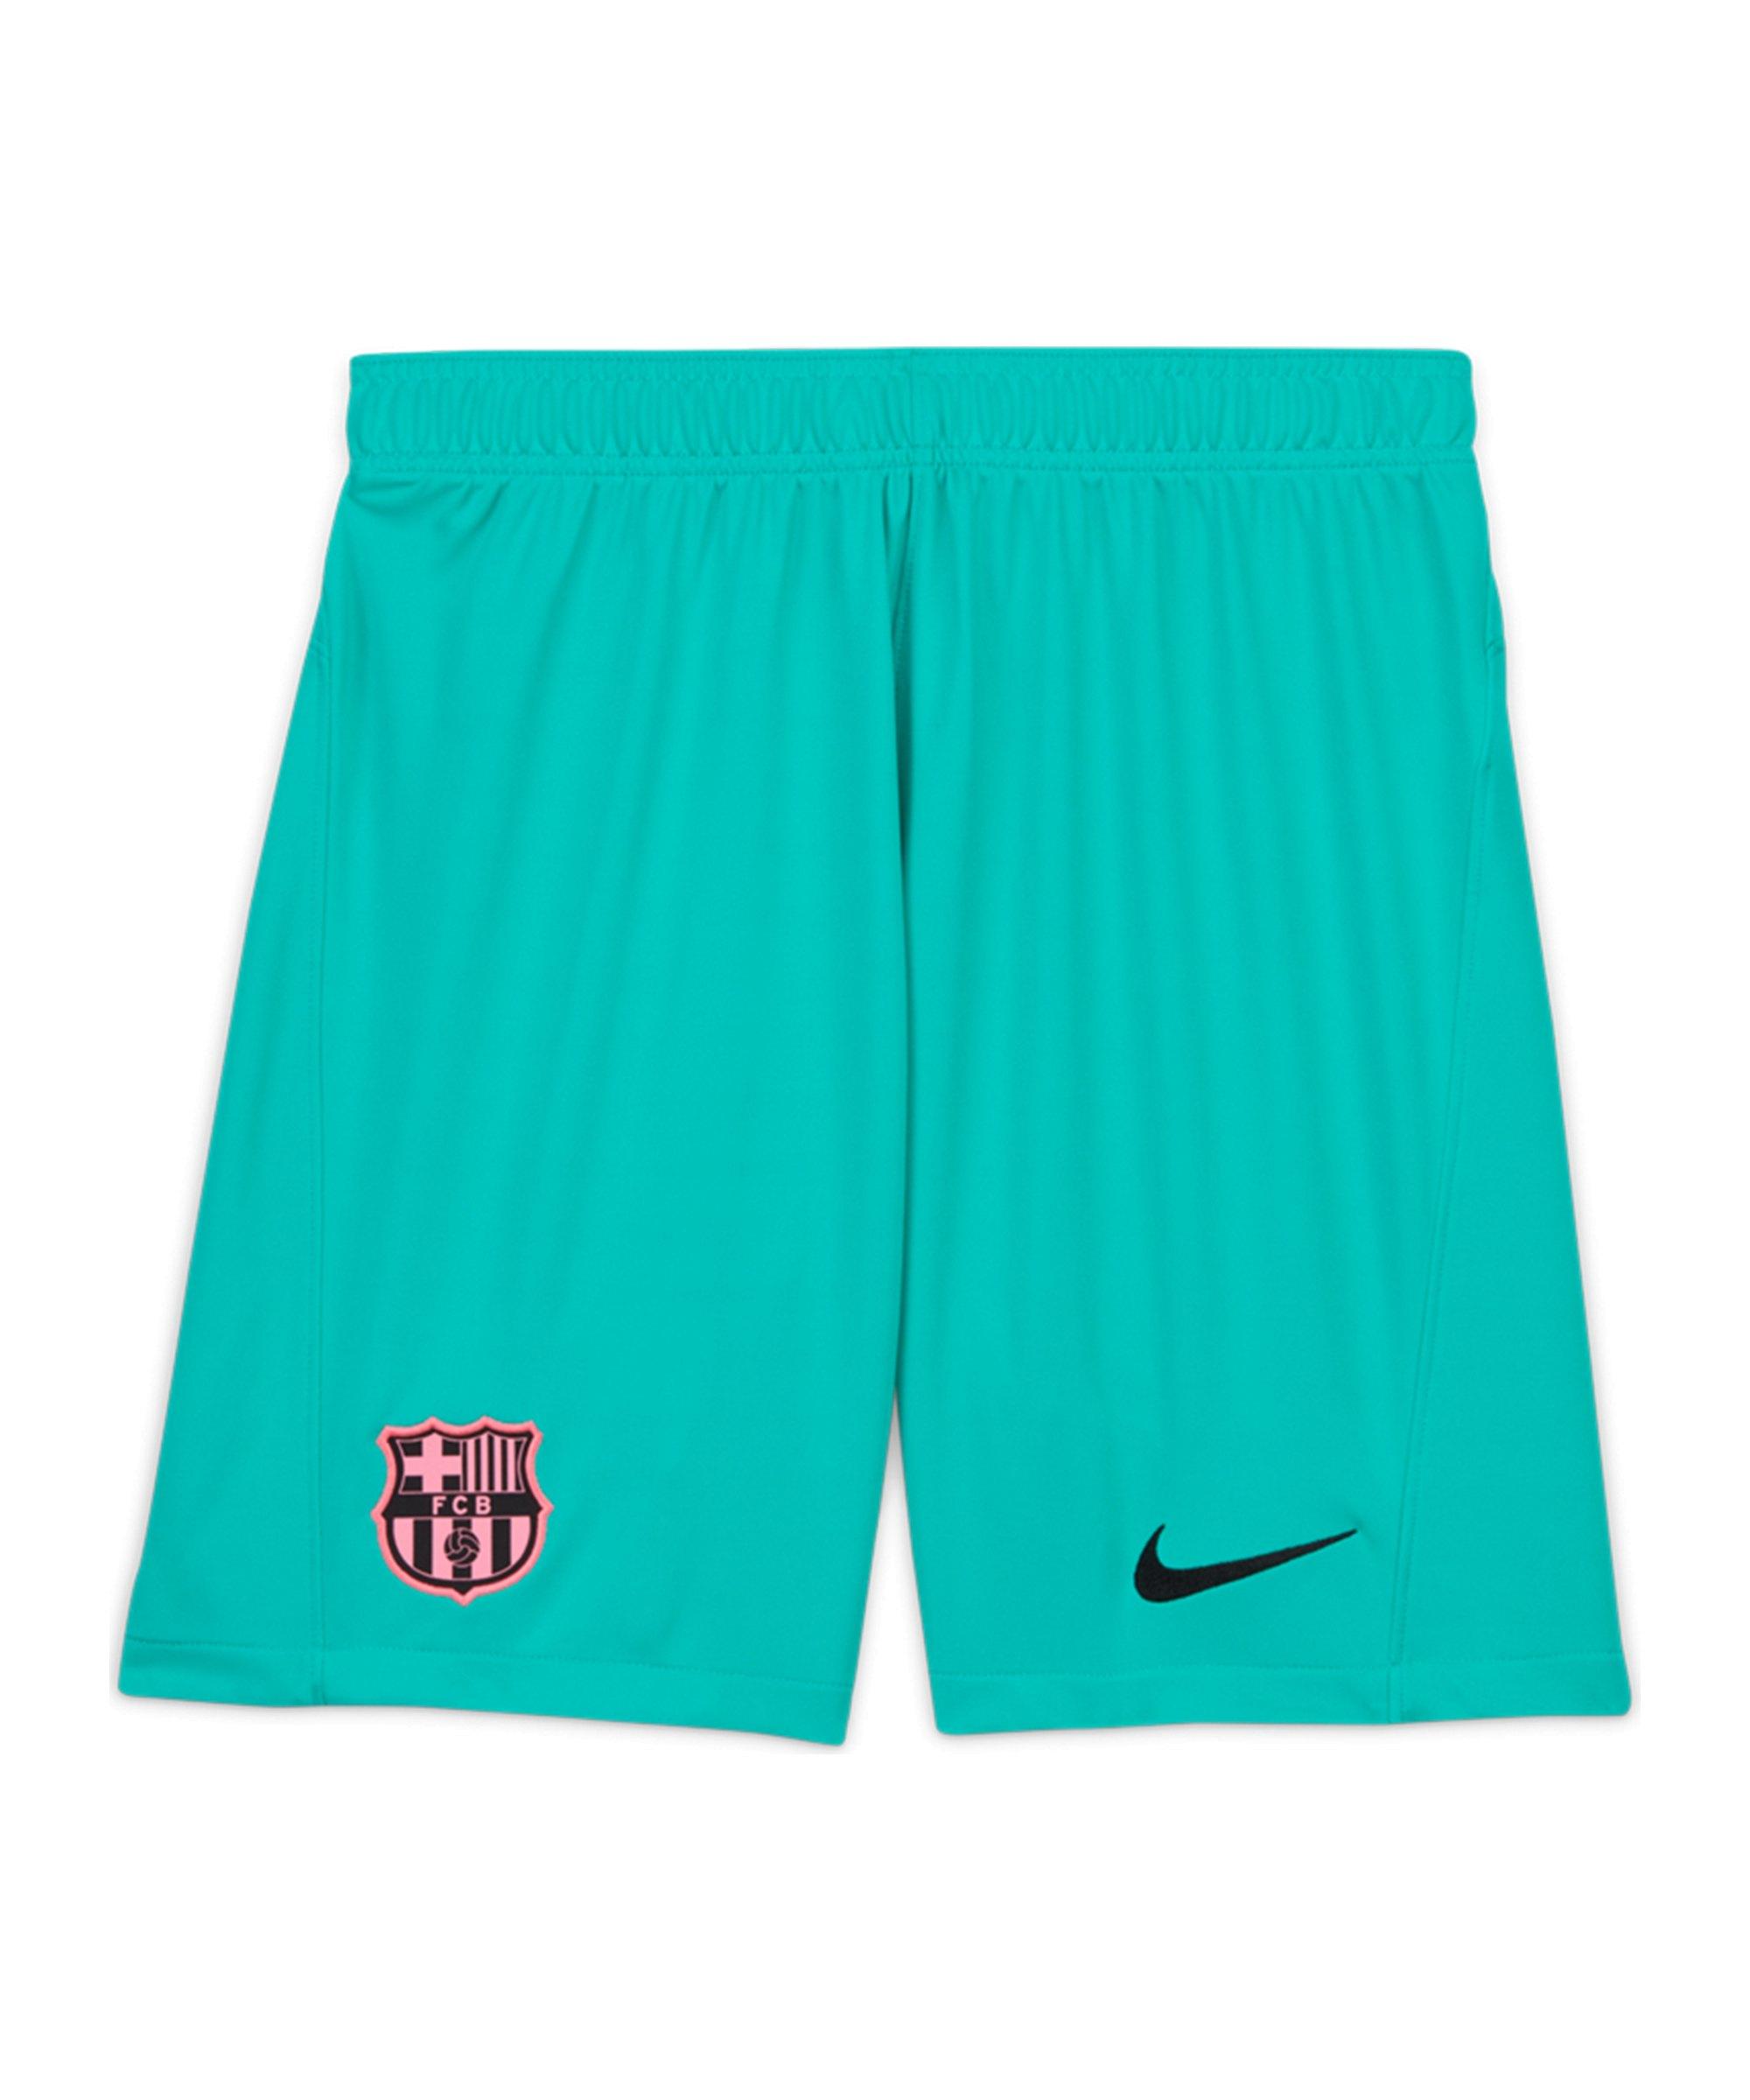 Nike FC Barcelona Short 3rd 2020/2021 Kids Grün F396 - gruen